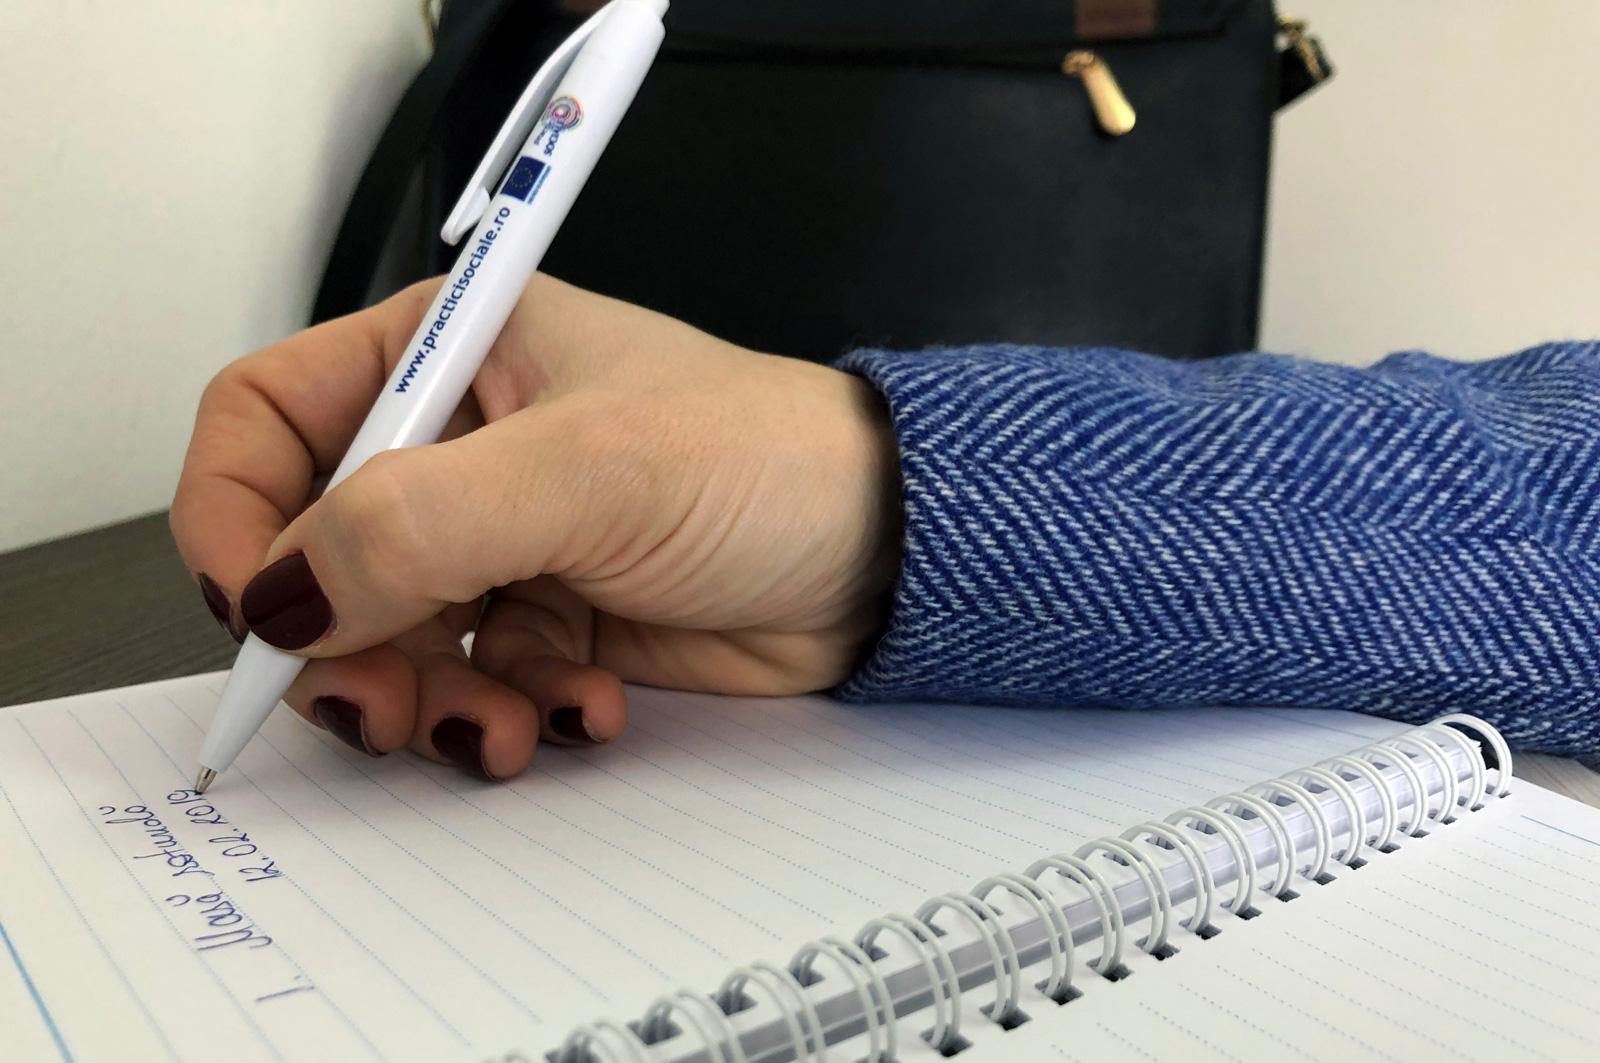 ASSOC și partenerii își propun să îmbunătățească legile din domeniul social